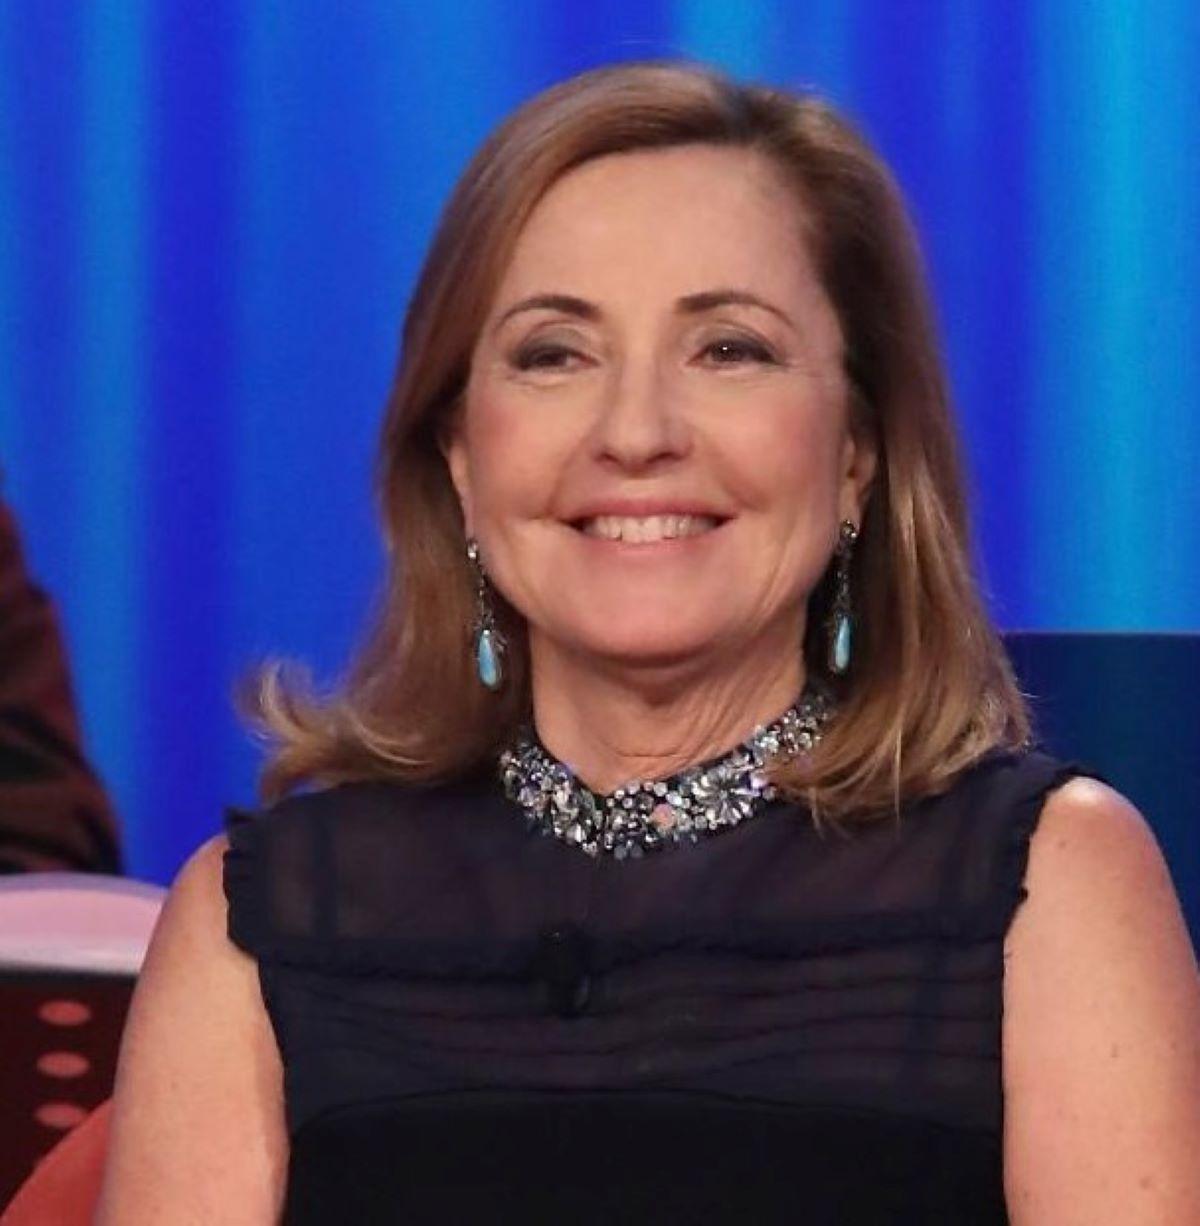 Barbara Palombelli Ufficiale Conferma Mediaset Lo sportello di Forum Stasera Italia